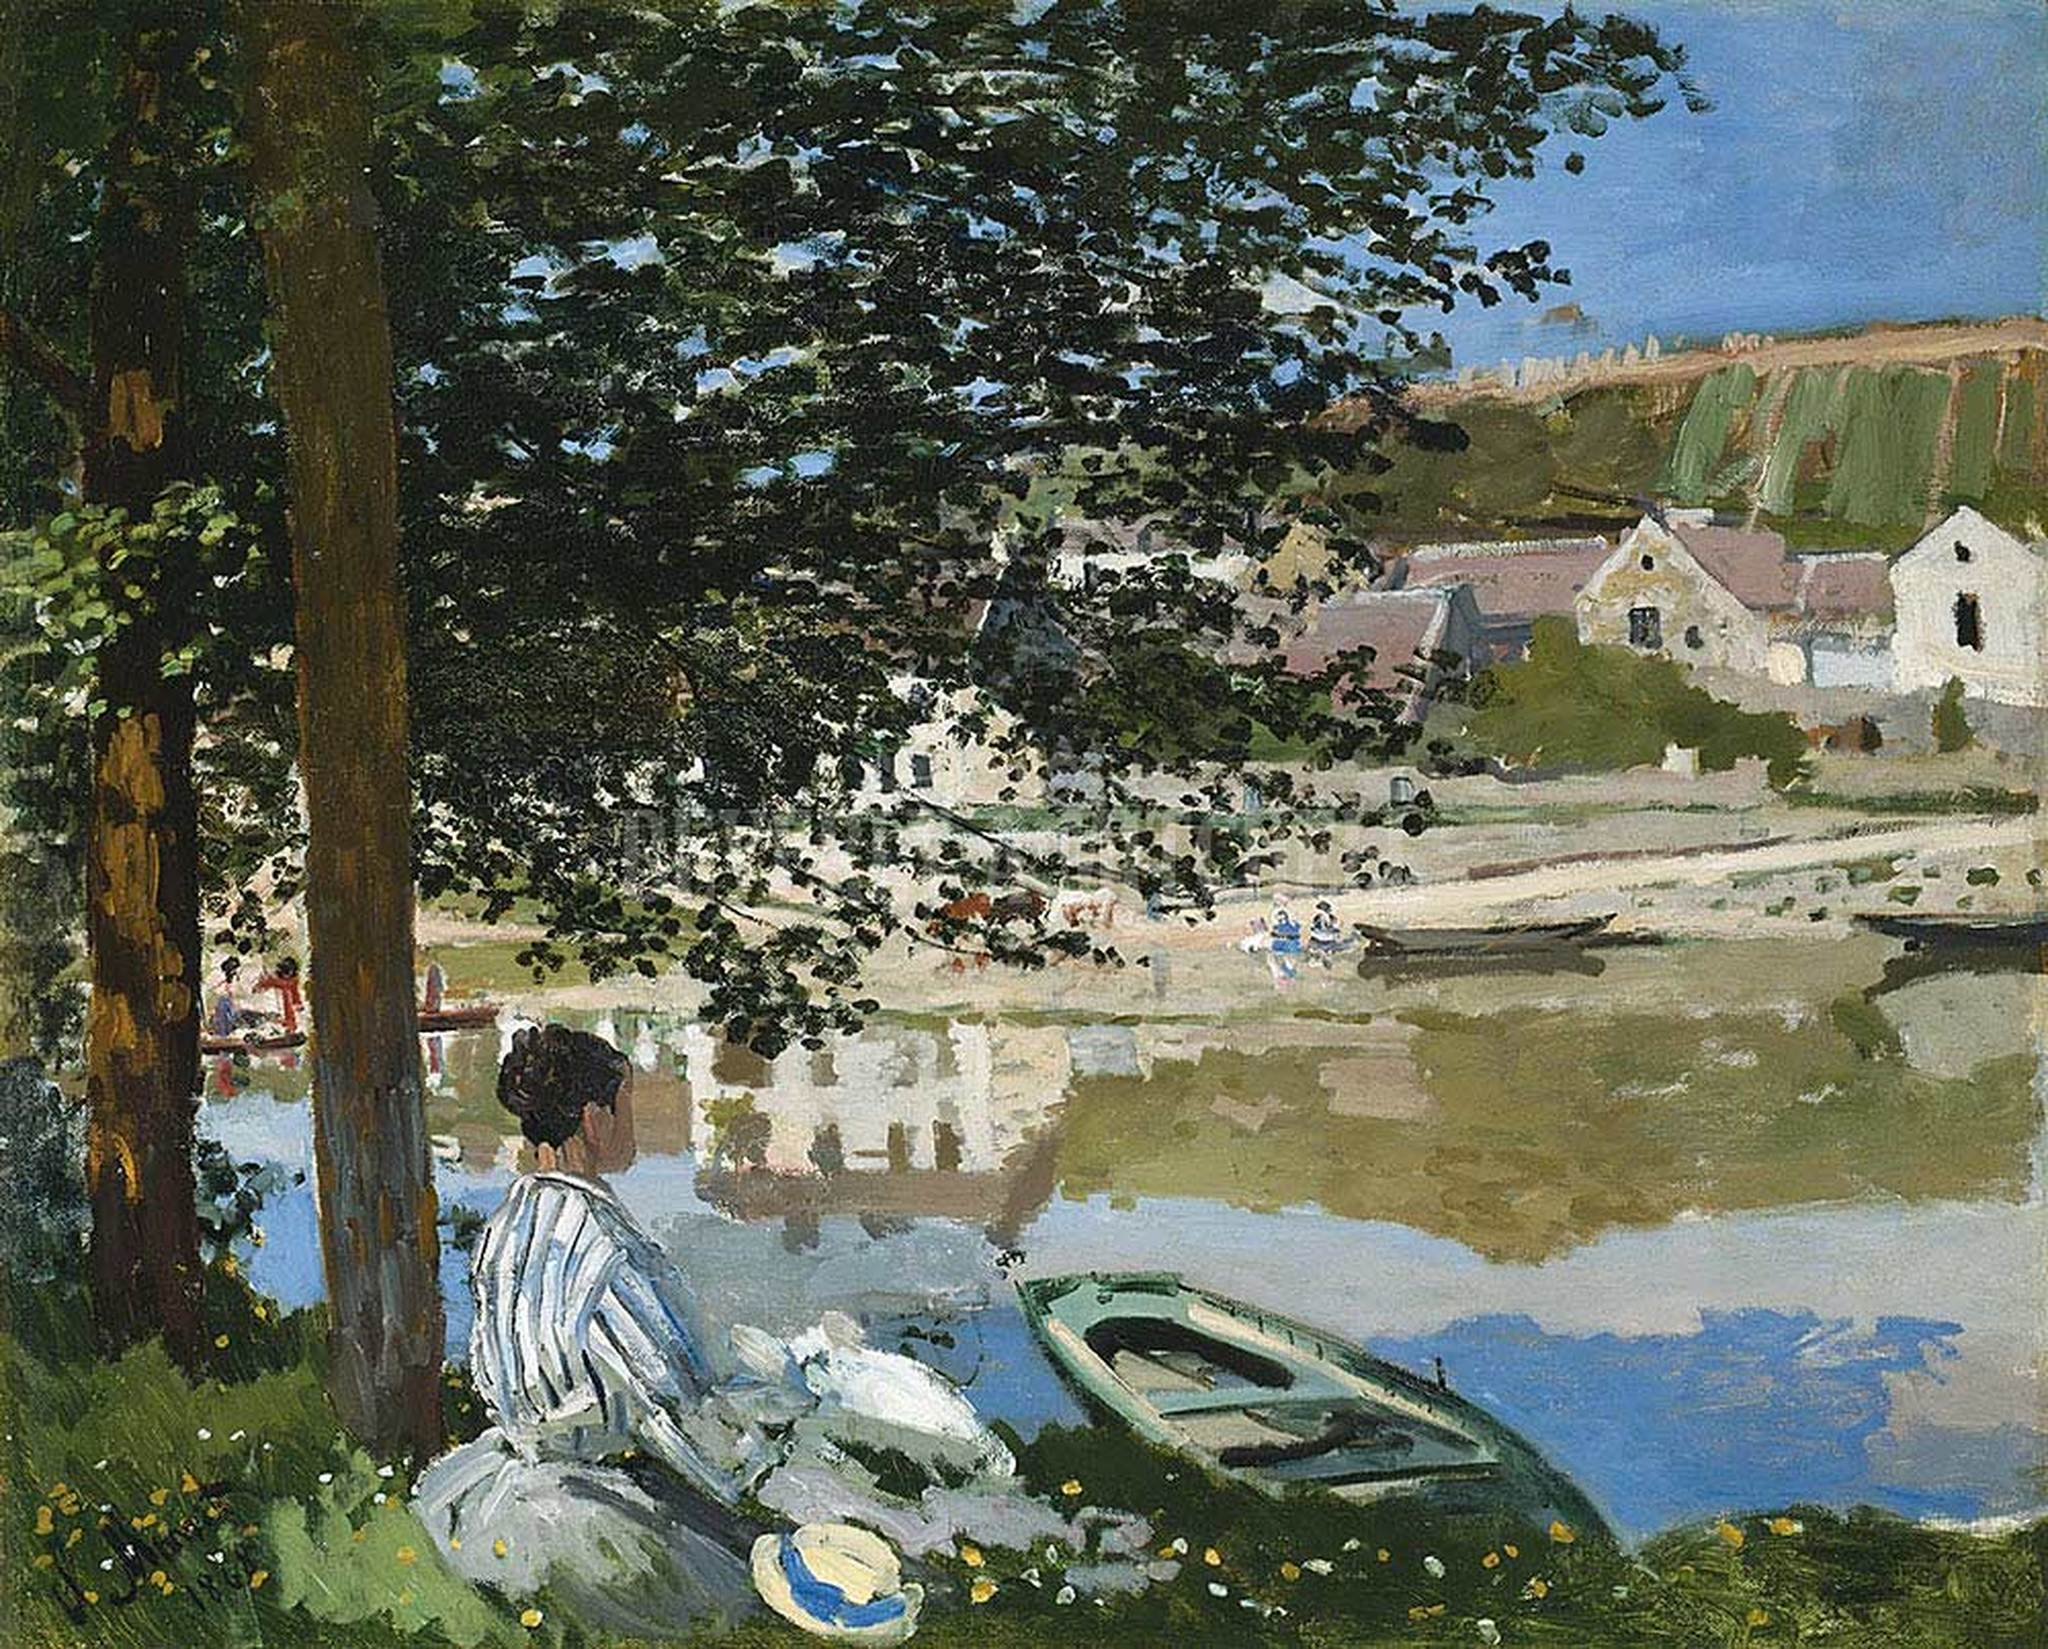 речной пейзаж < Река в Беннекурте  >:: Клод Моне, описание картины - Моне Клод (Claude Monet) фото